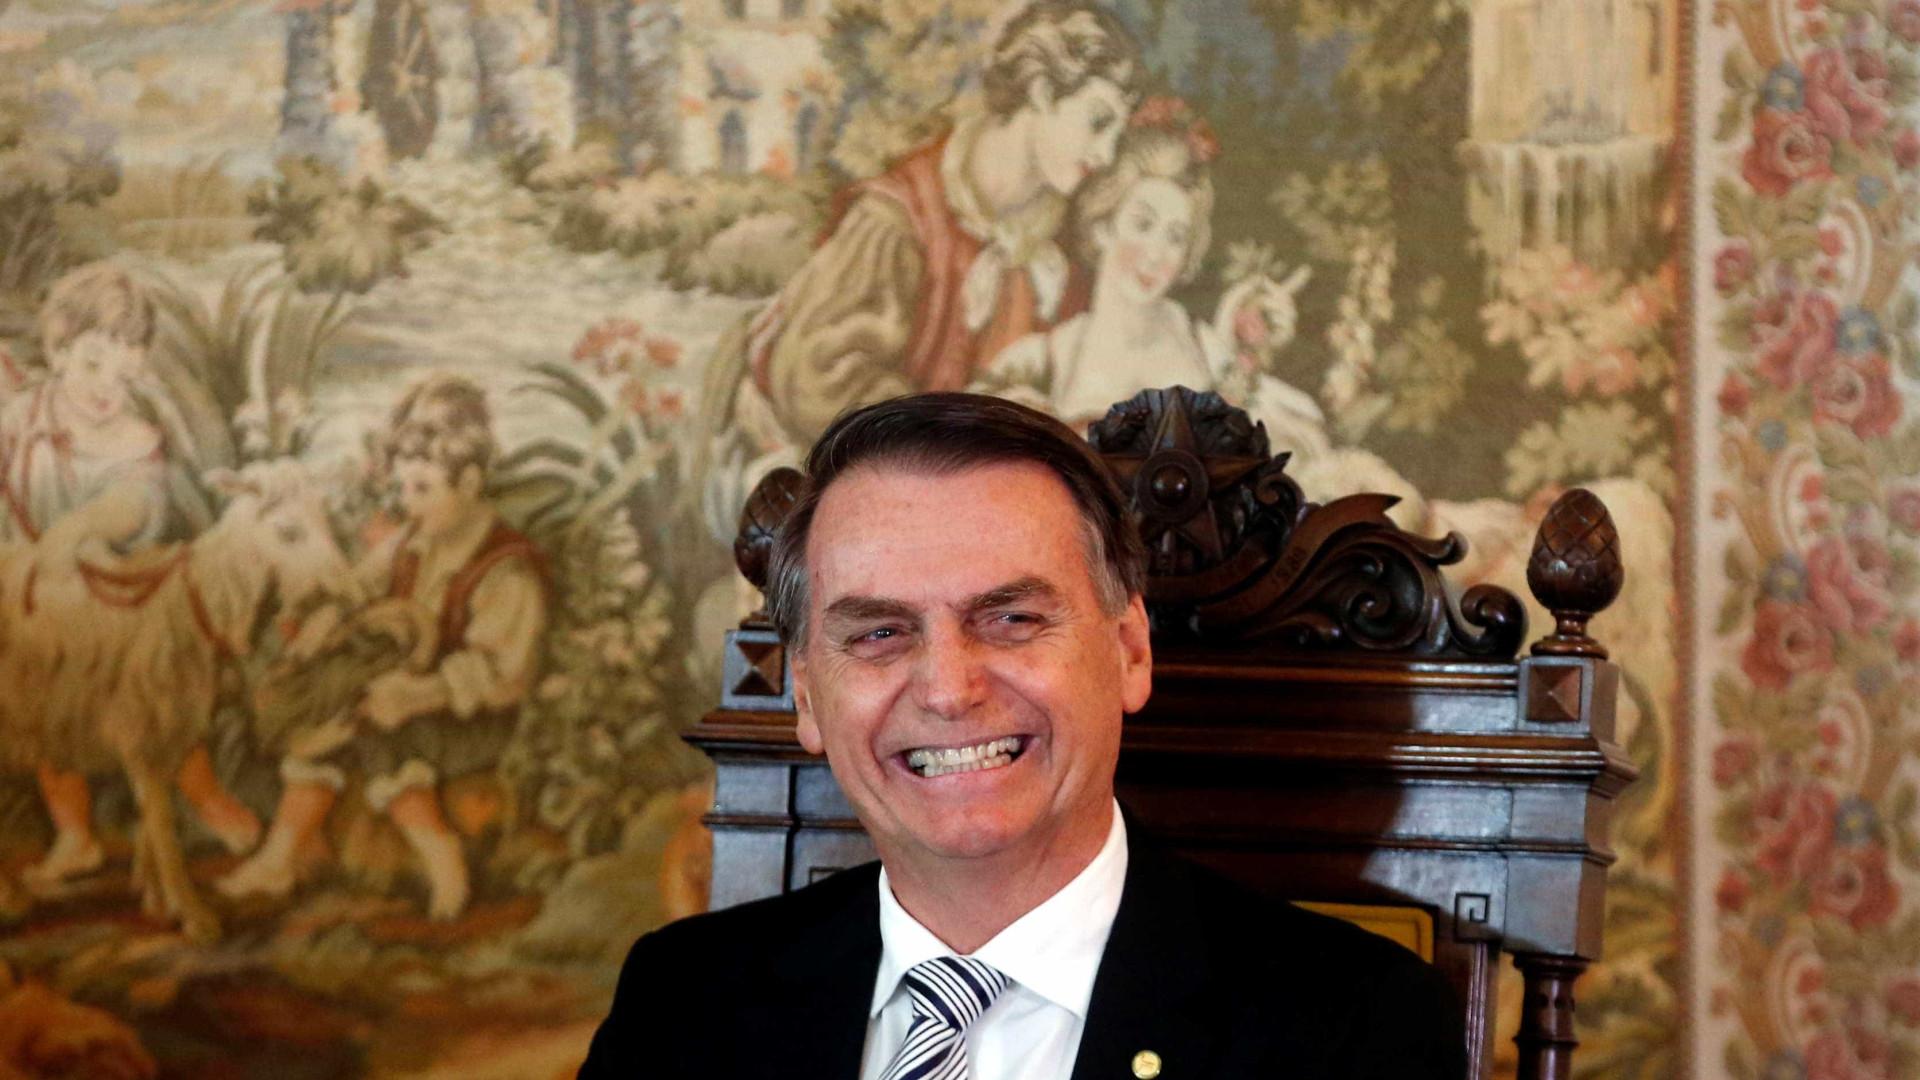 Novo presidente da Bienal está otimista com a gestão Bolsonaro